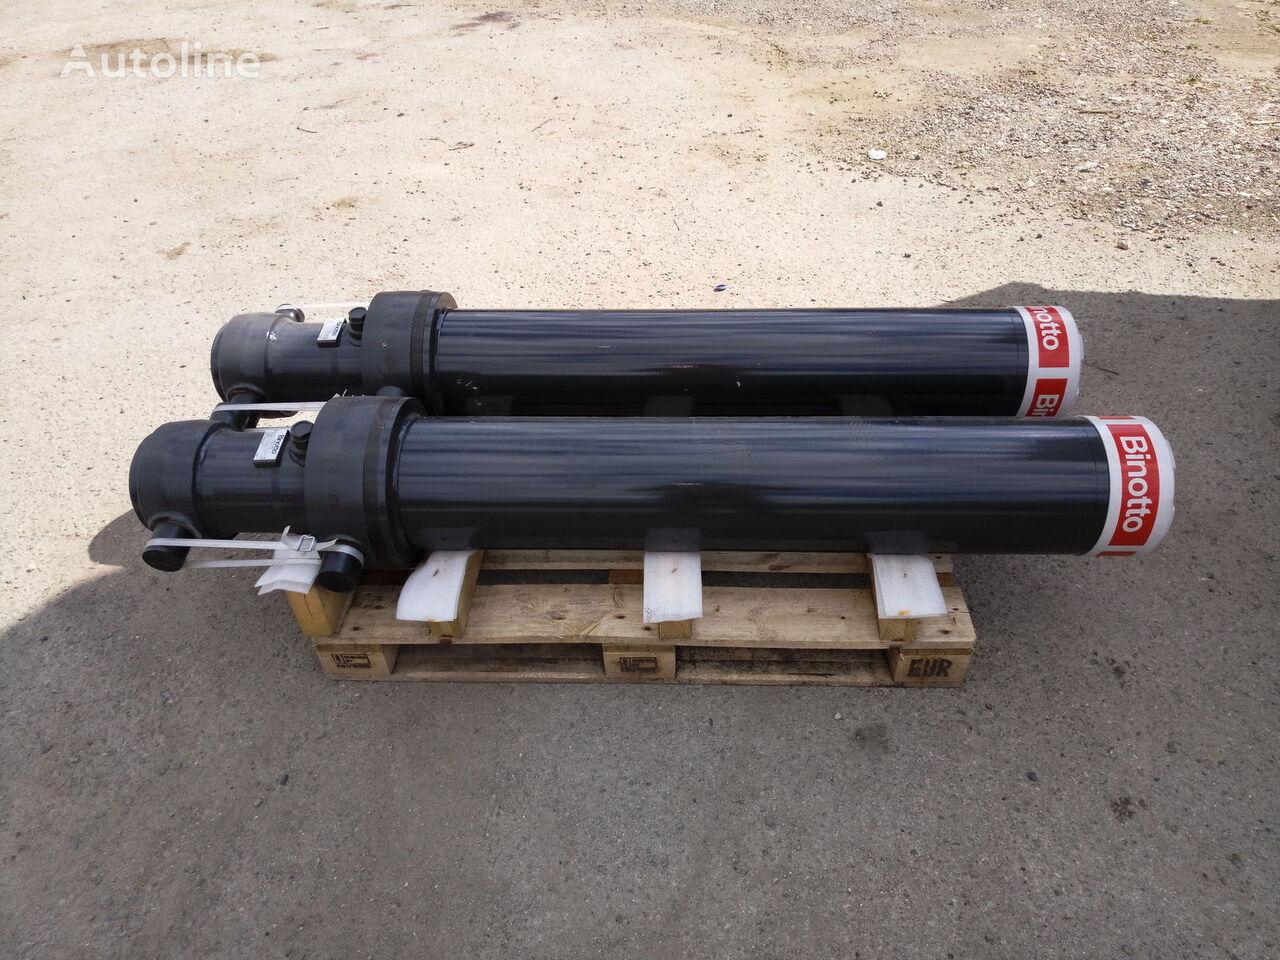 BODEX BINOTTO BINOTTO cilindro hidráulico para BODEX semirremolque nuevo